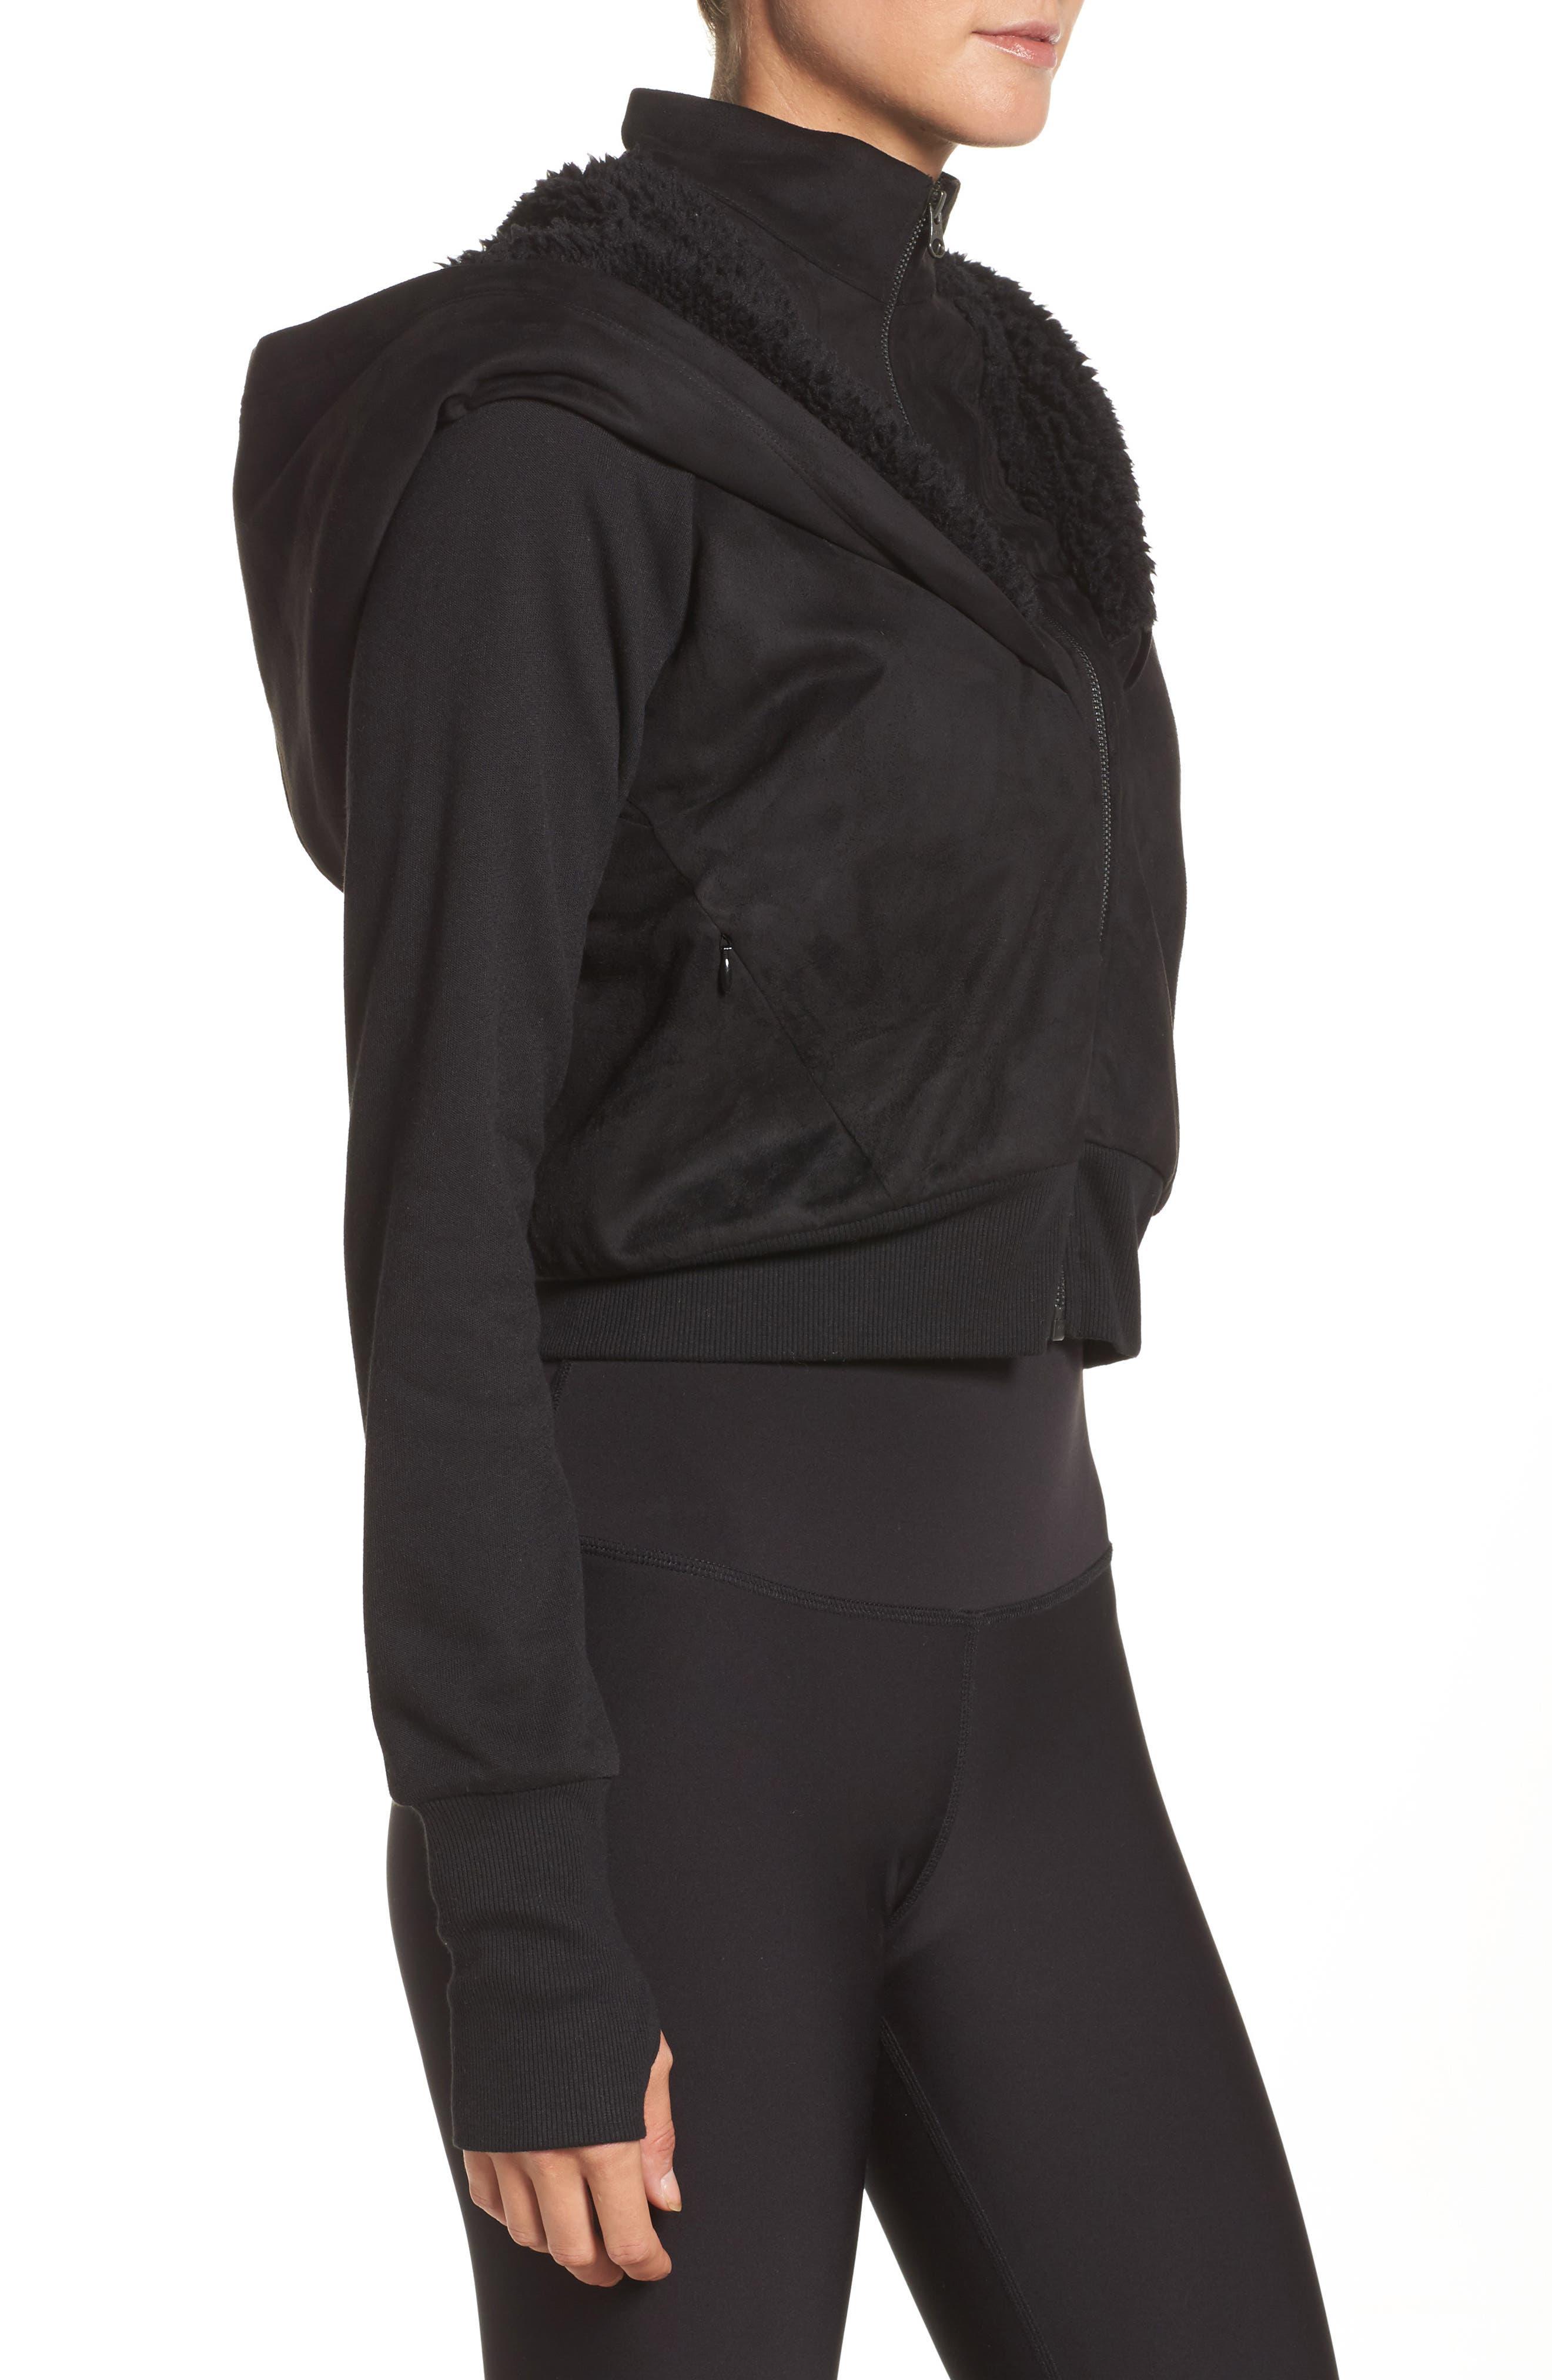 LA Winter Faux Fur Lined Jacket,                             Alternate thumbnail 3, color,                             001